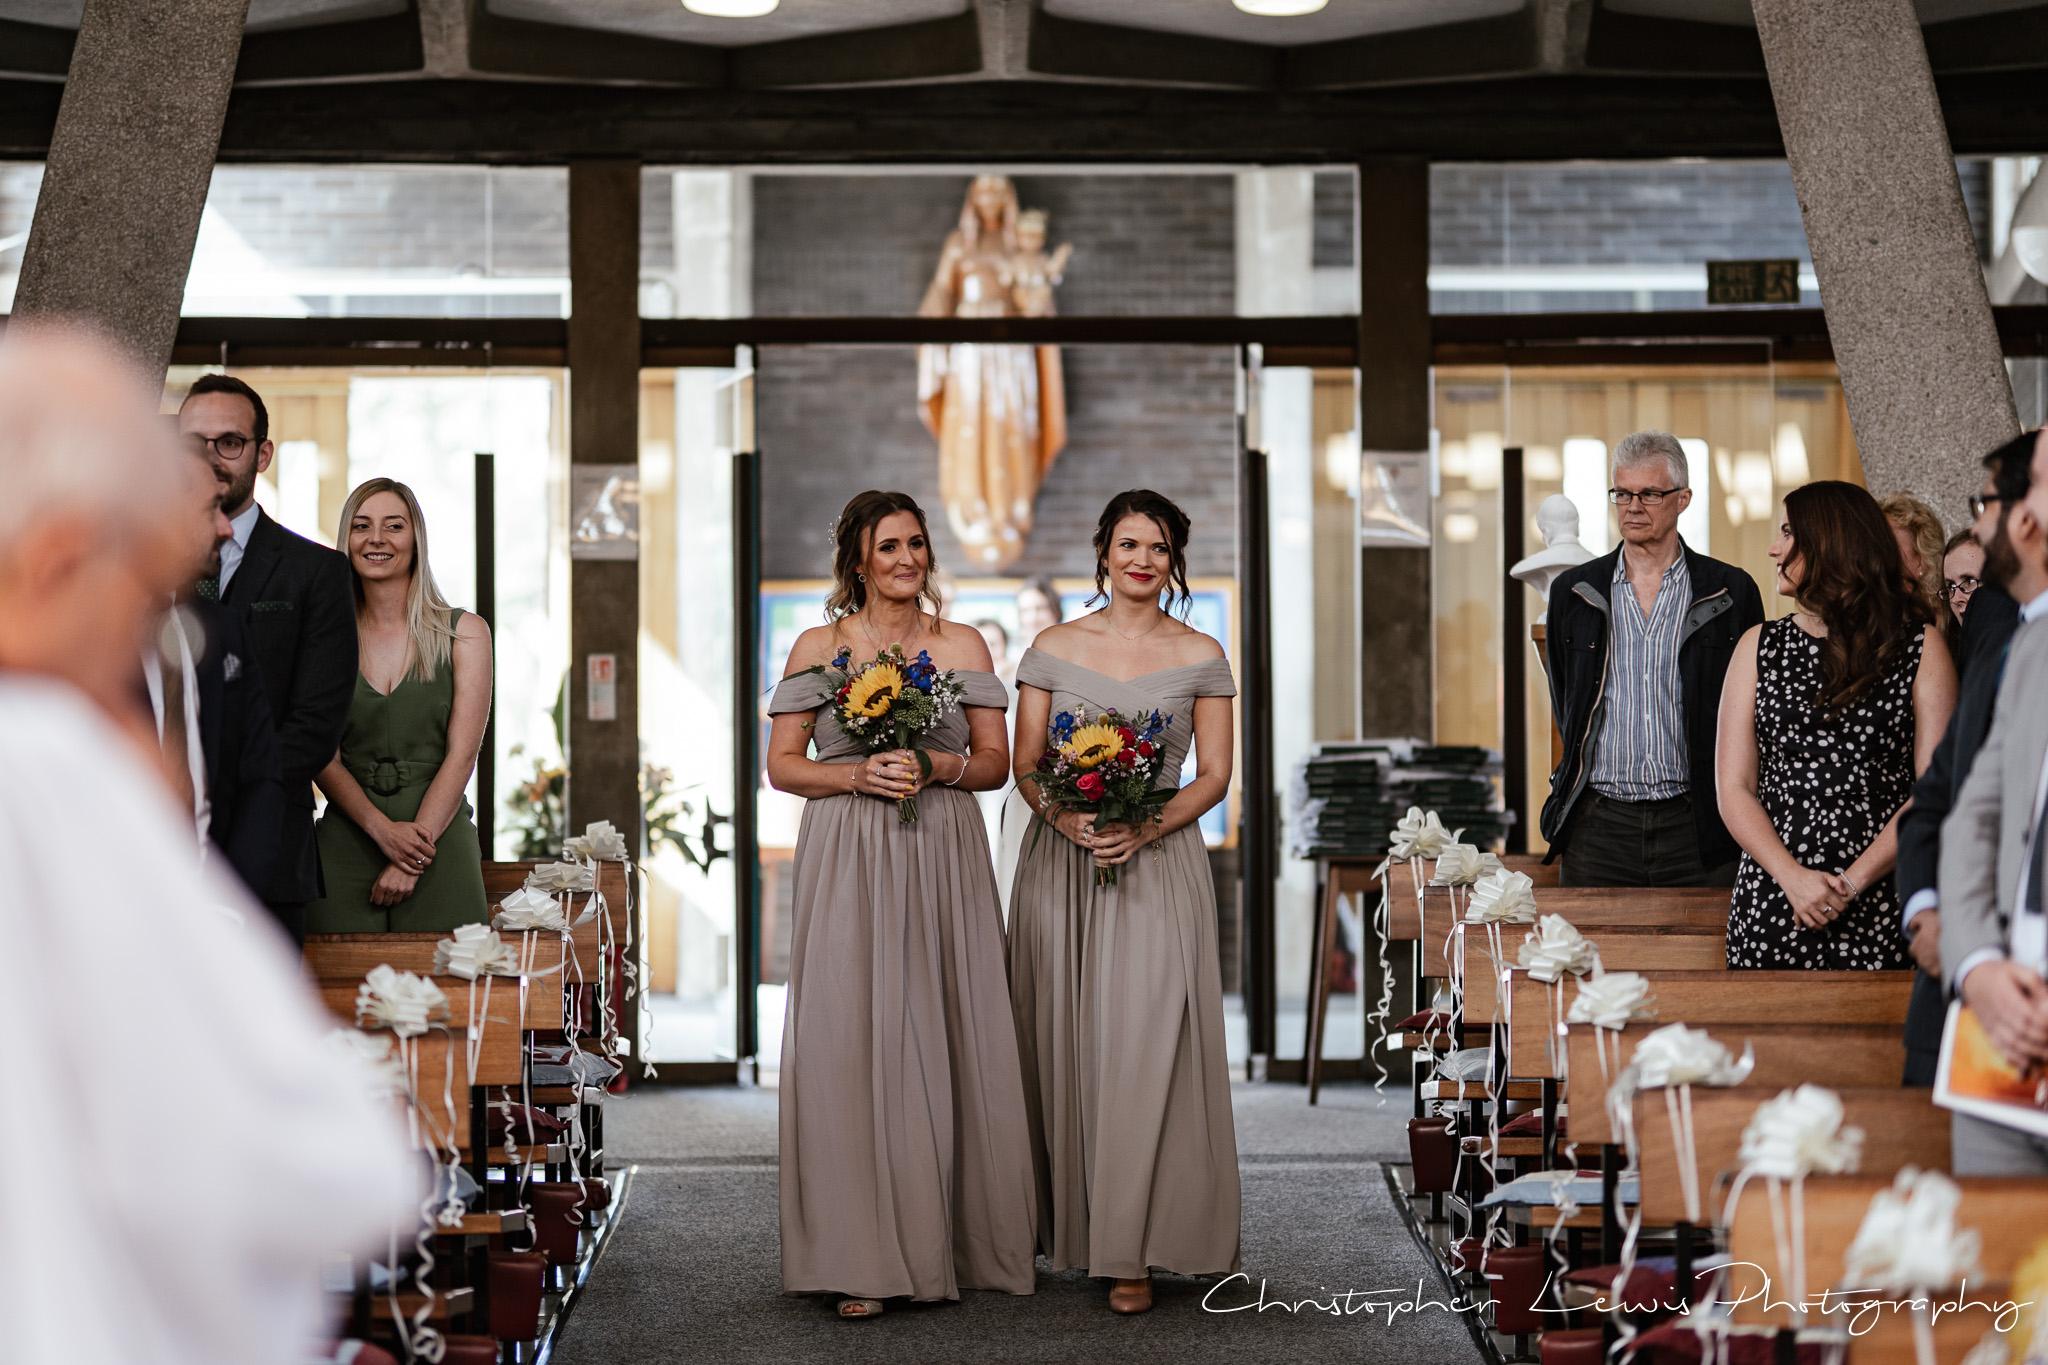 Samlesbury Hall Wedding bridesmaids going down aisle